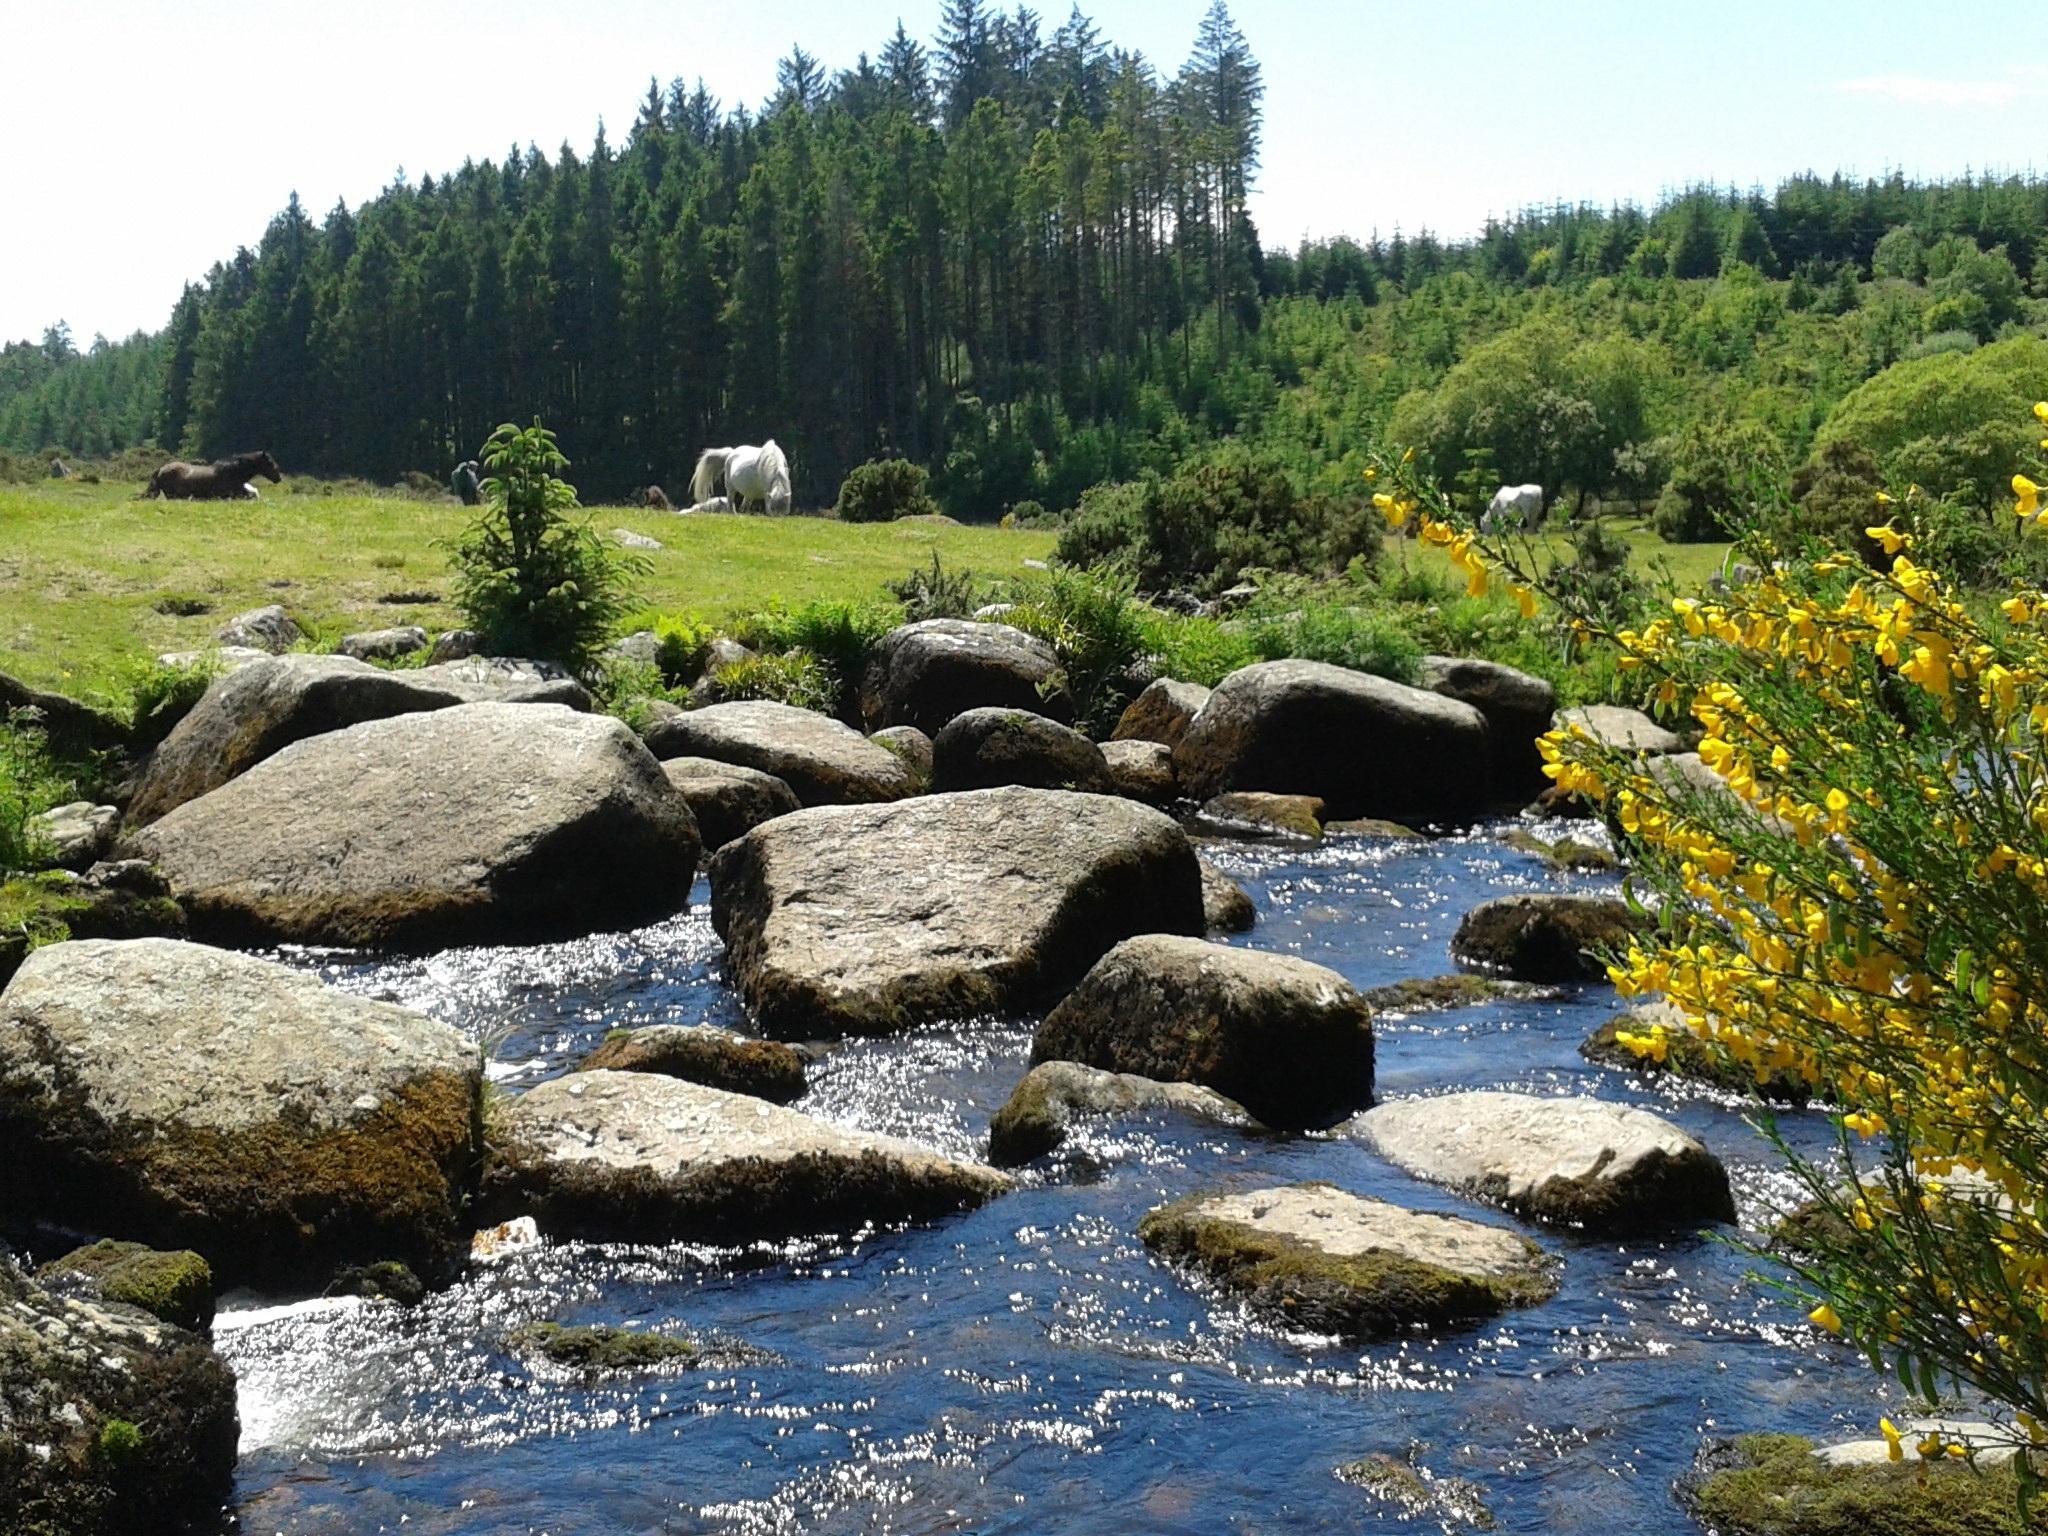 Gambar Pemandangan Alam Batu Gurun Bunga Kolam Aliran Cepat